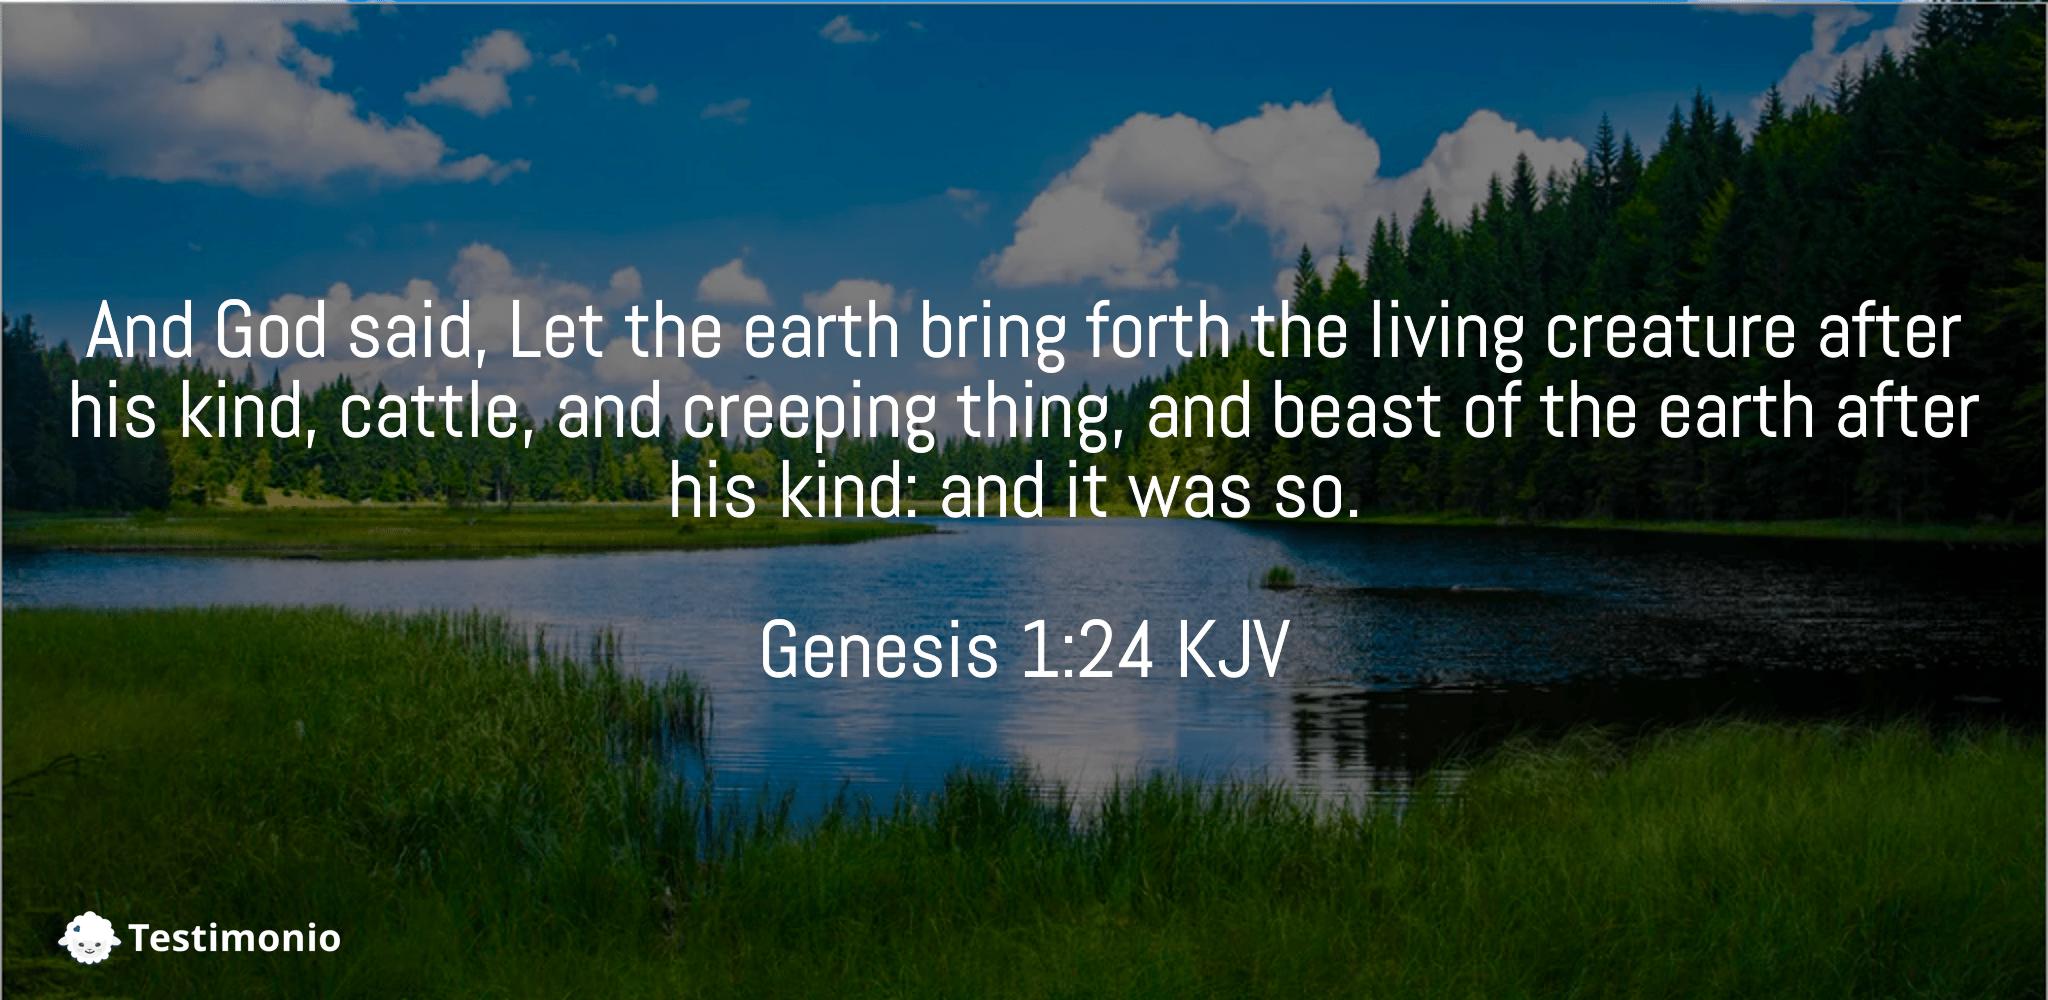 Genesis 1:24